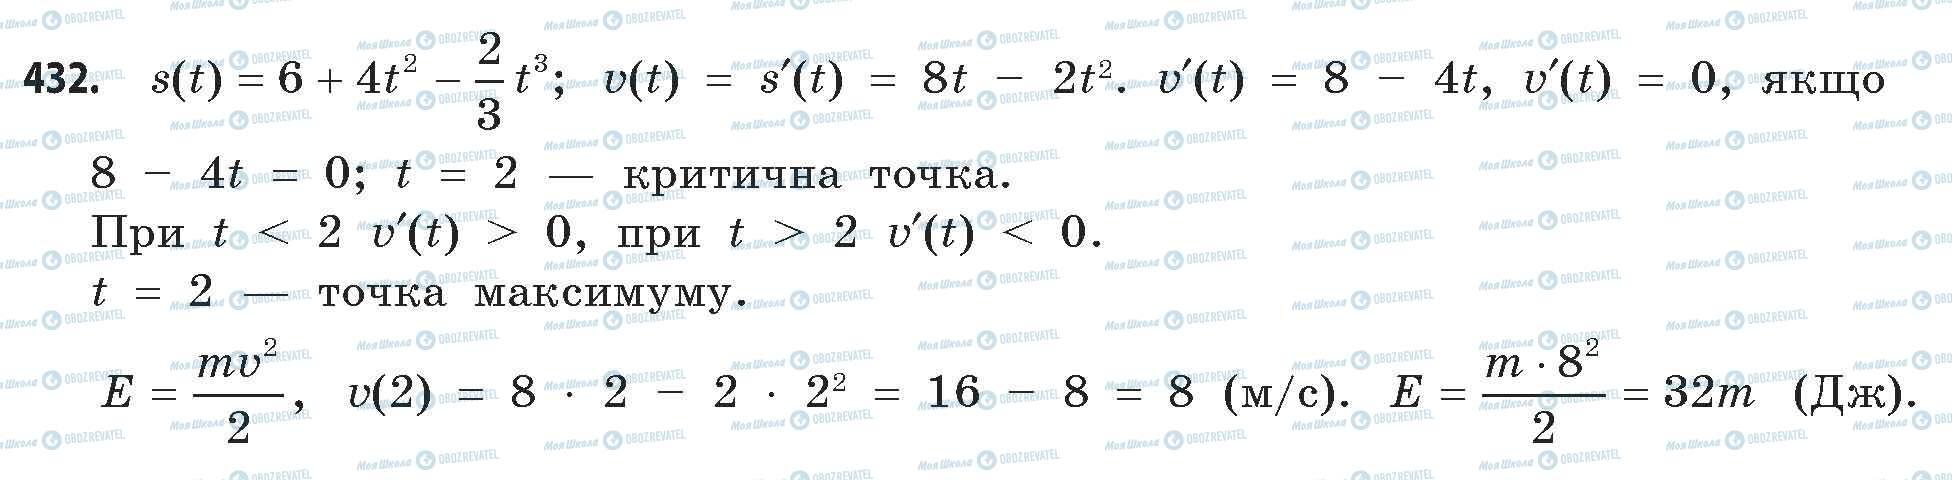 ГДЗ Математика 11 класс страница 432